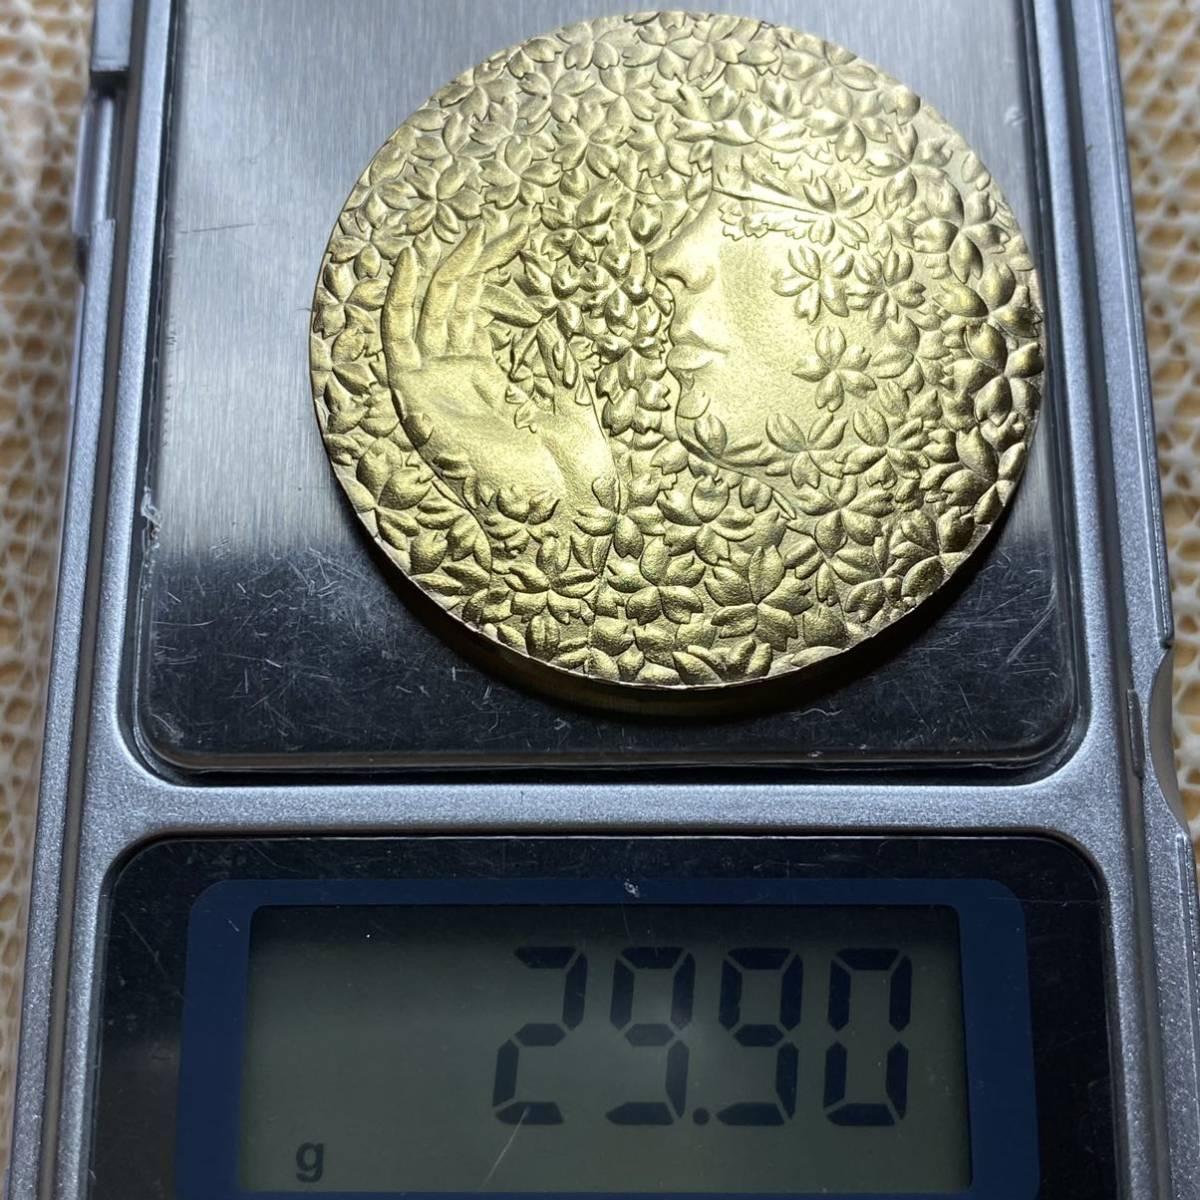 (4153) 桜の女神 菊の紋 現物資産 古銭コイン 記念メダル 貴重品所蔵品 貨幣 完全限定発行